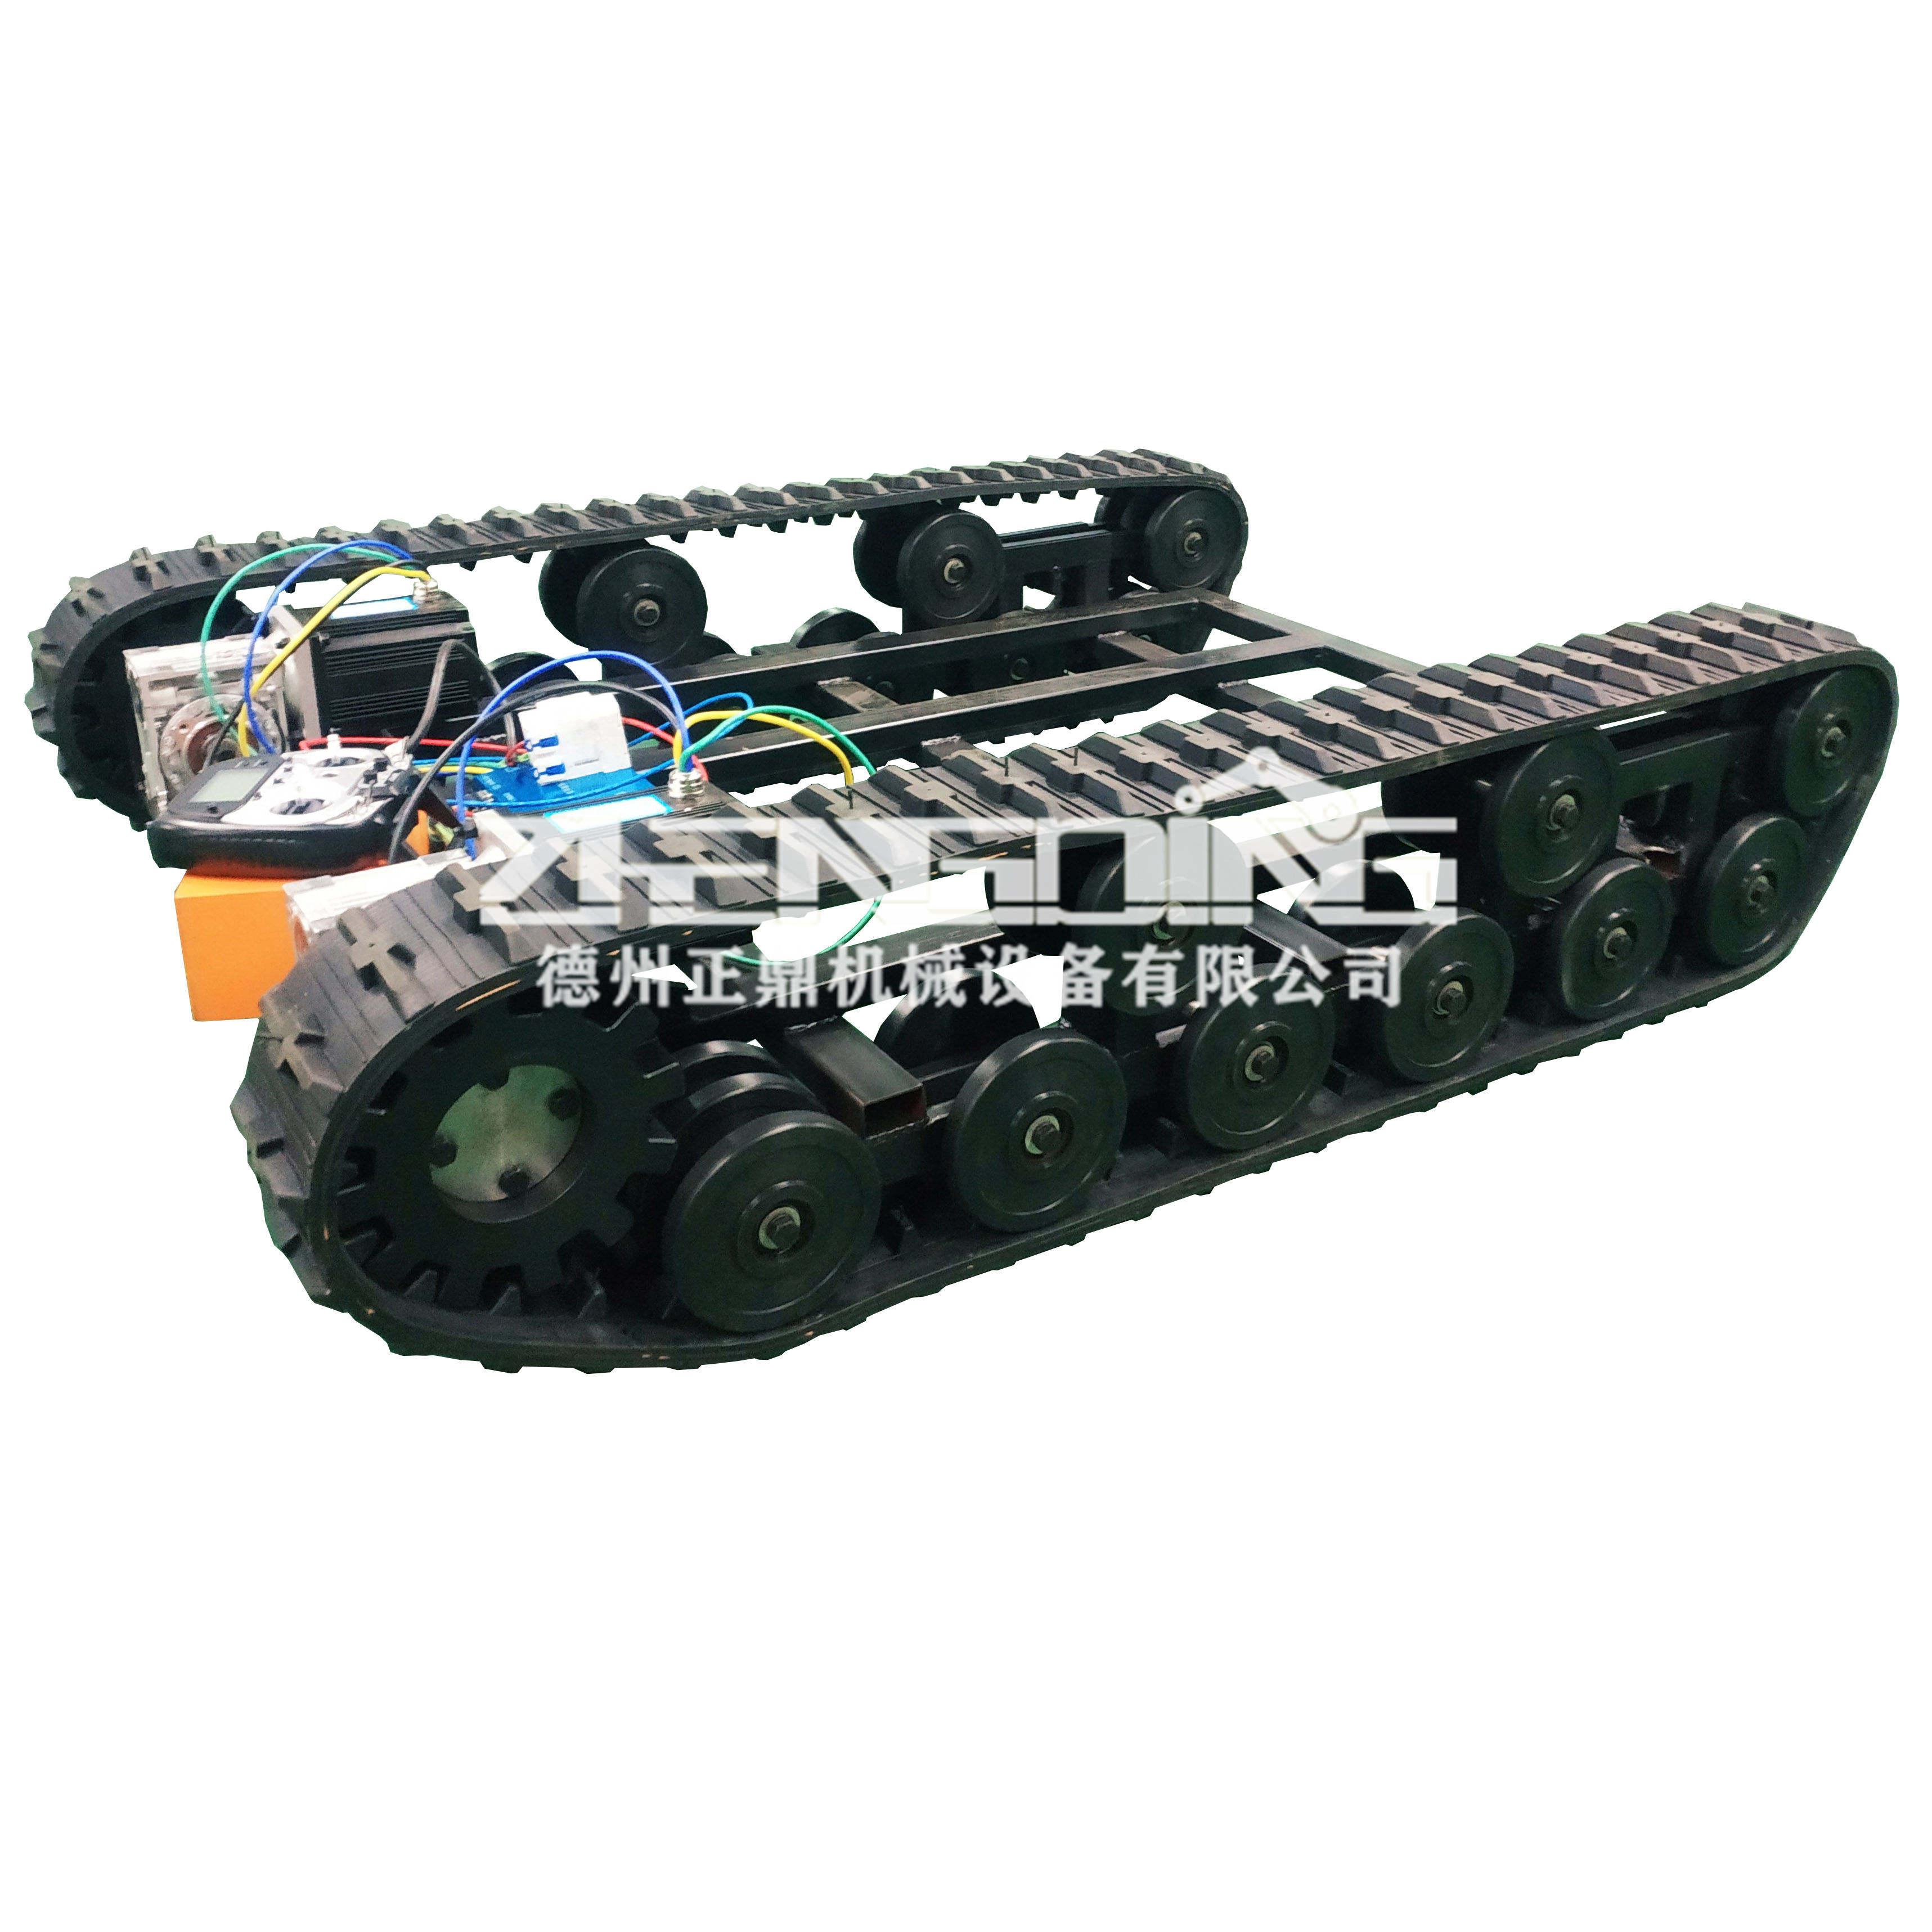 ZDDP -ZD -150橡胶履带底盘